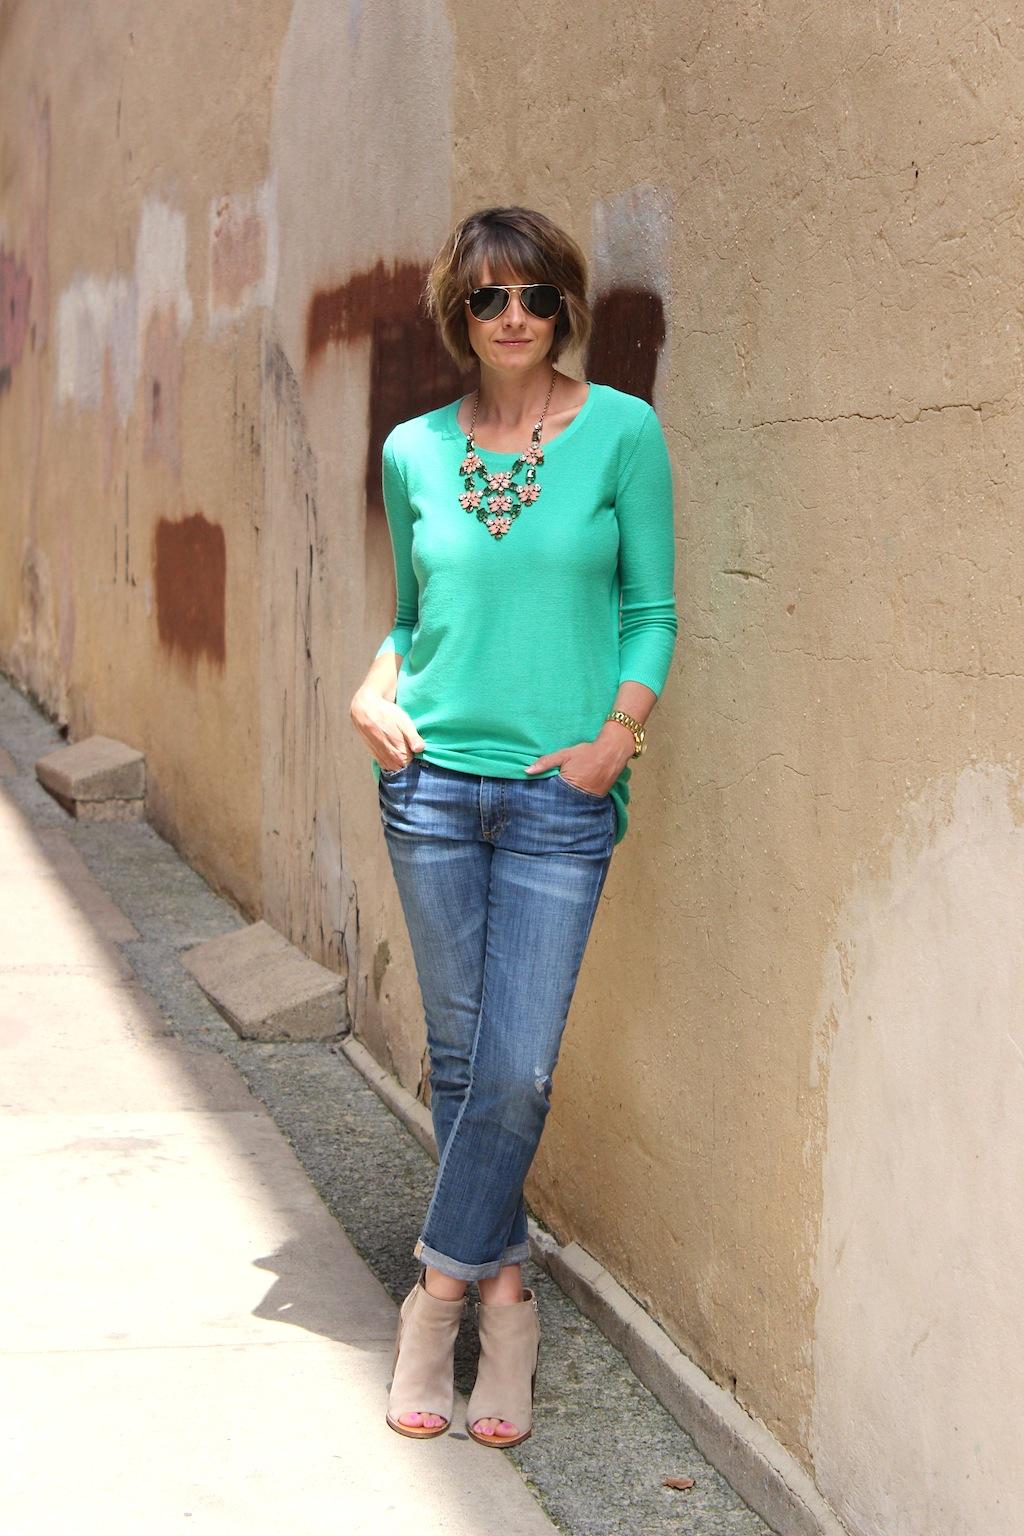 greensweater2